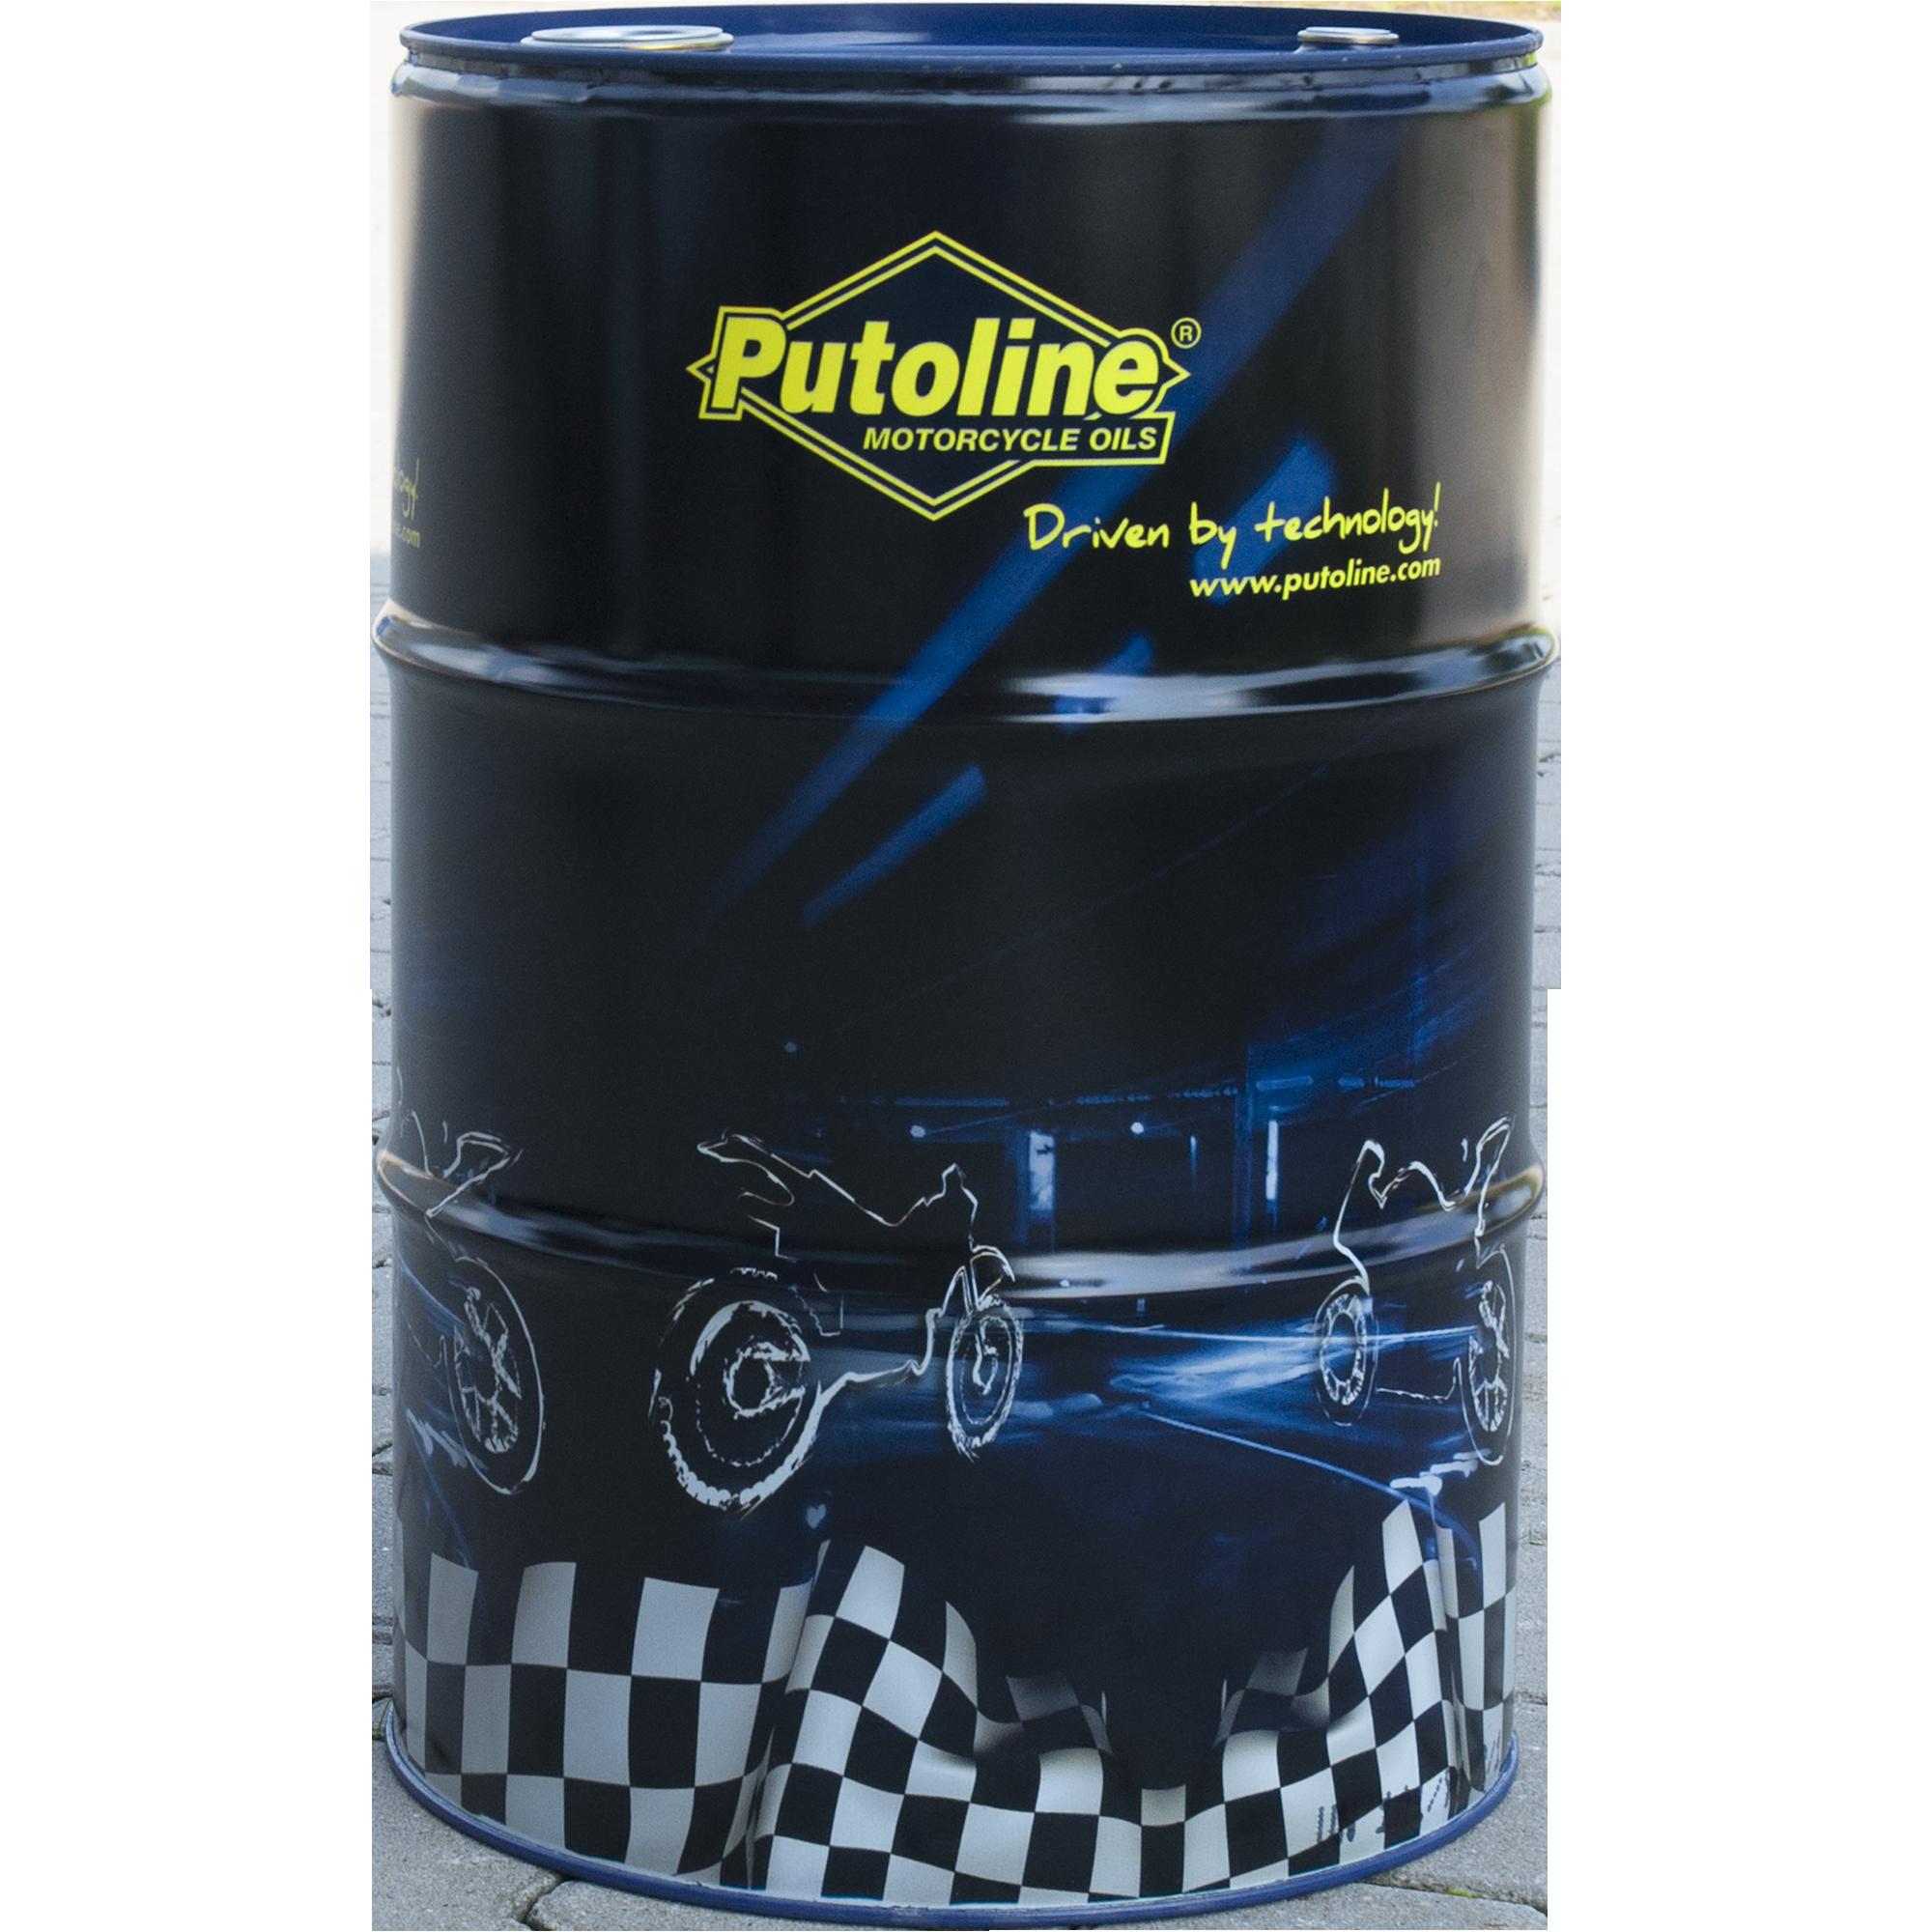 Putoline Motoröl Scooter 4T 10W-40 200L